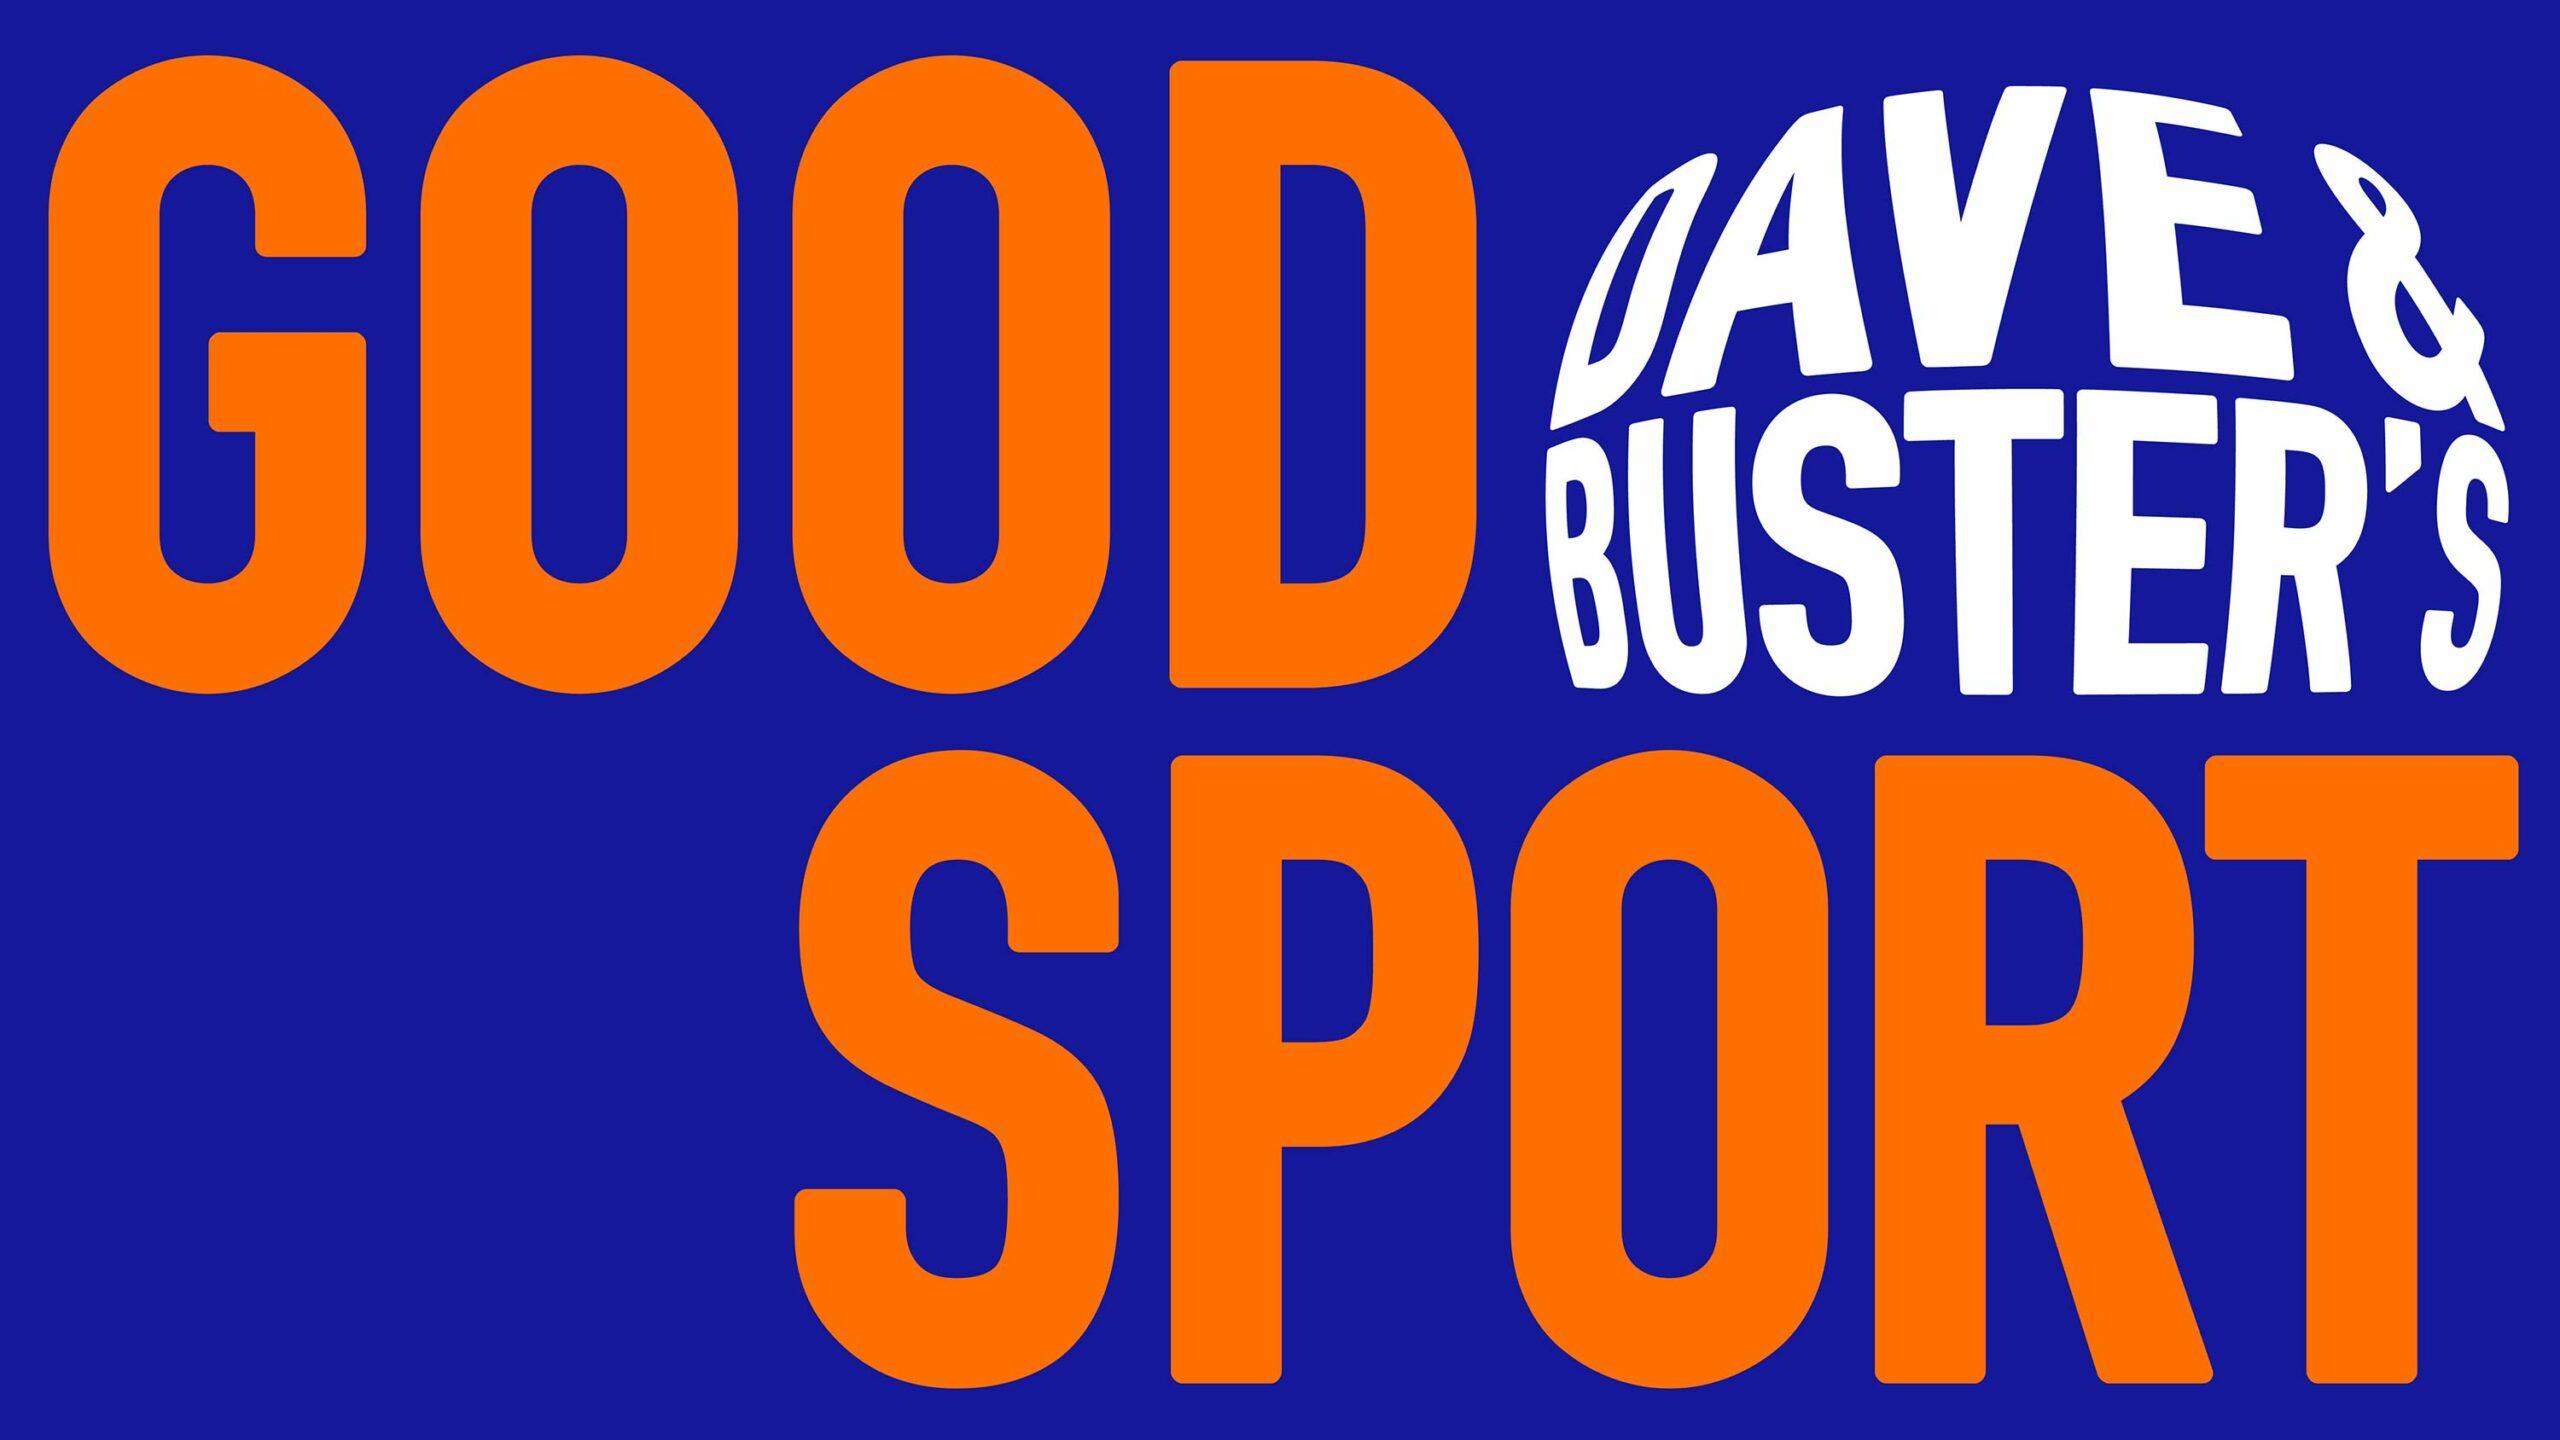 Matt van Leeuwen, Dave & Buster's, Mother Design, Logo, Identity, Matthijs van Leeuwen, Dinbuster